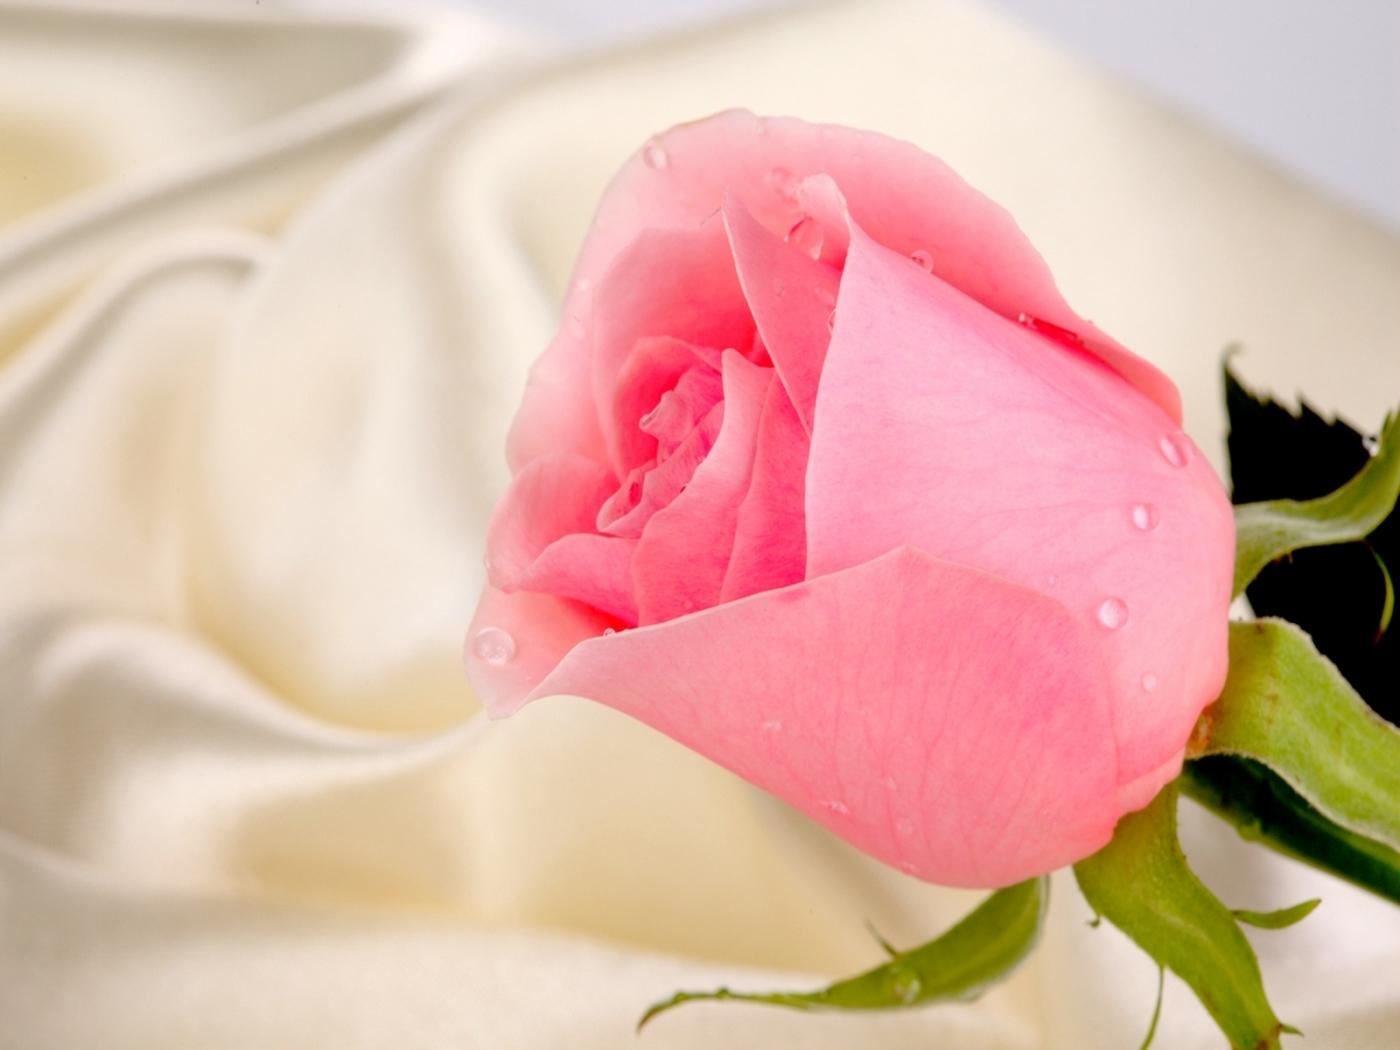 Handy-Wallpaper Pflanzen, Blumen, Roses kostenlos herunterladen.